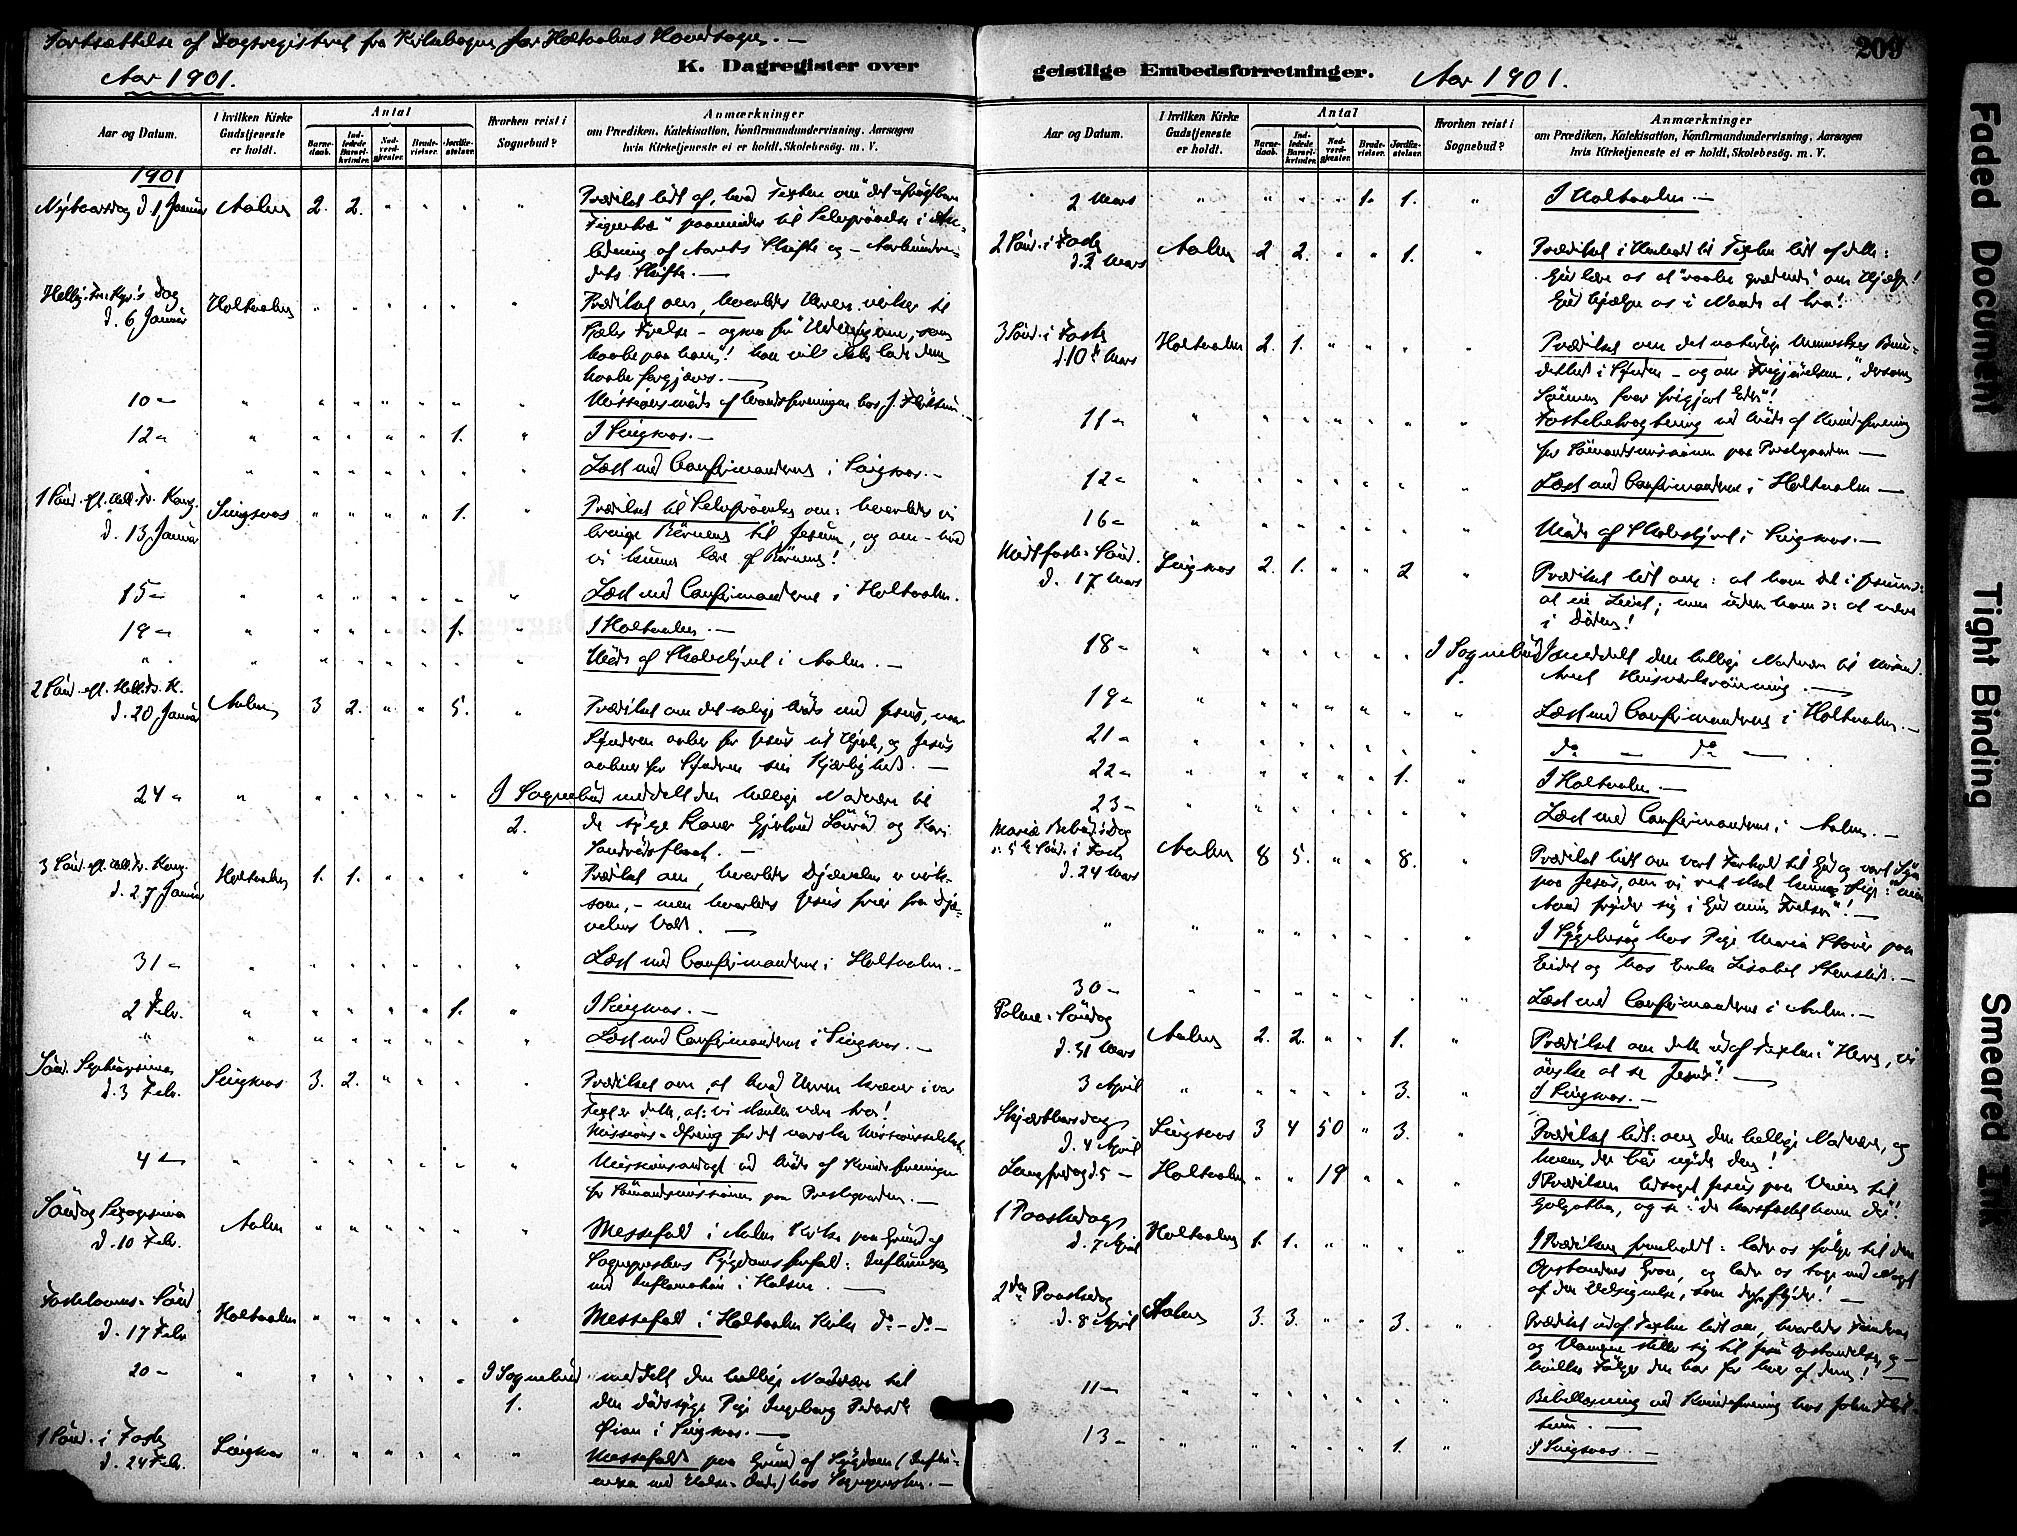 SAT, Ministerialprotokoller, klokkerbøker og fødselsregistre - Sør-Trøndelag, 686/L0984: Ministerialbok nr. 686A02, 1891-1906, s. 209